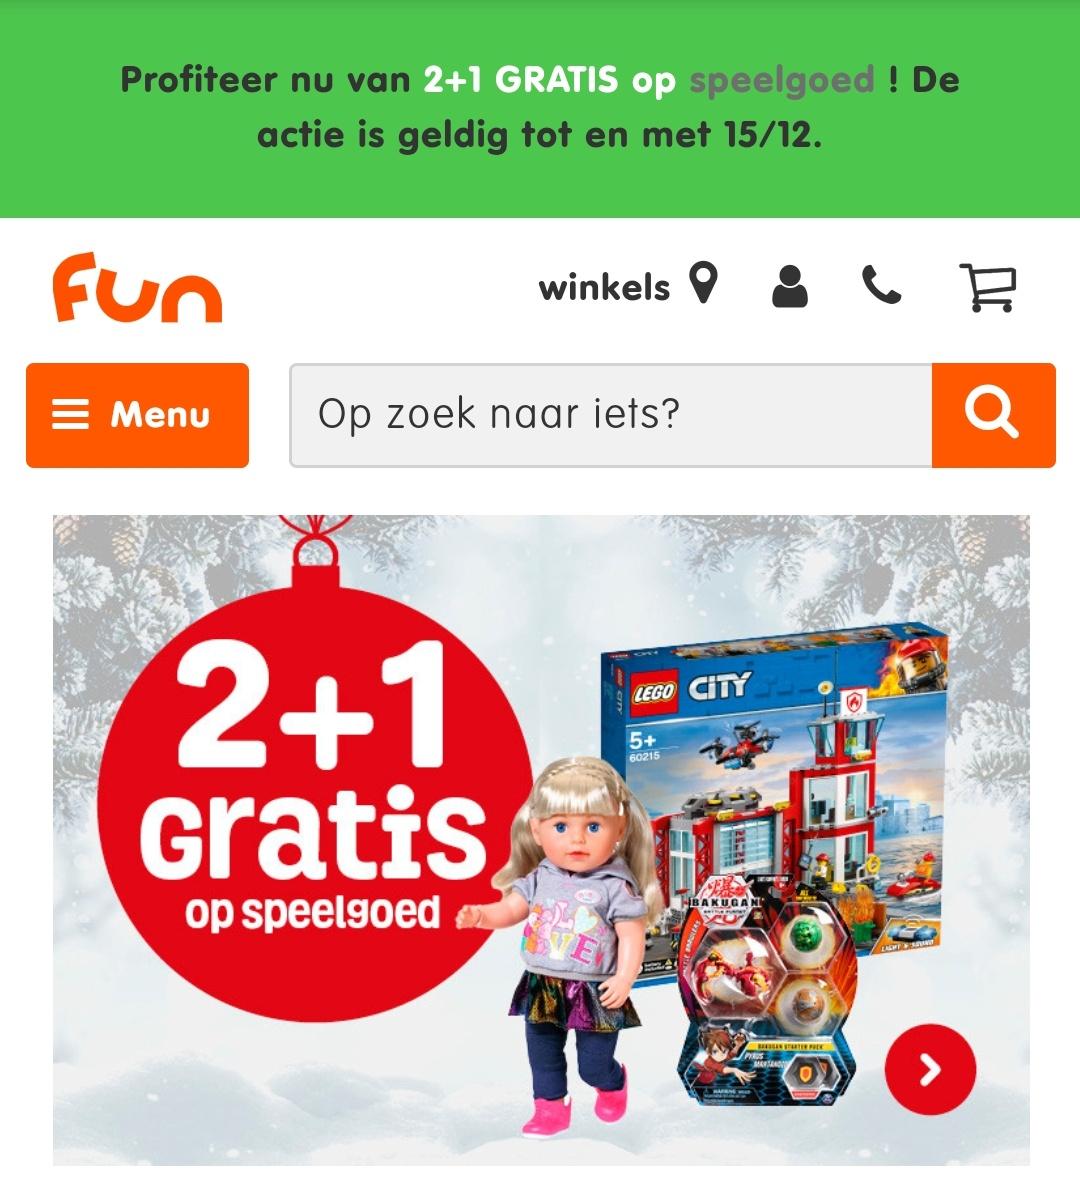 Fun.be veel speelgoed ook Lego 2+1 gratis! (Grensdeal)